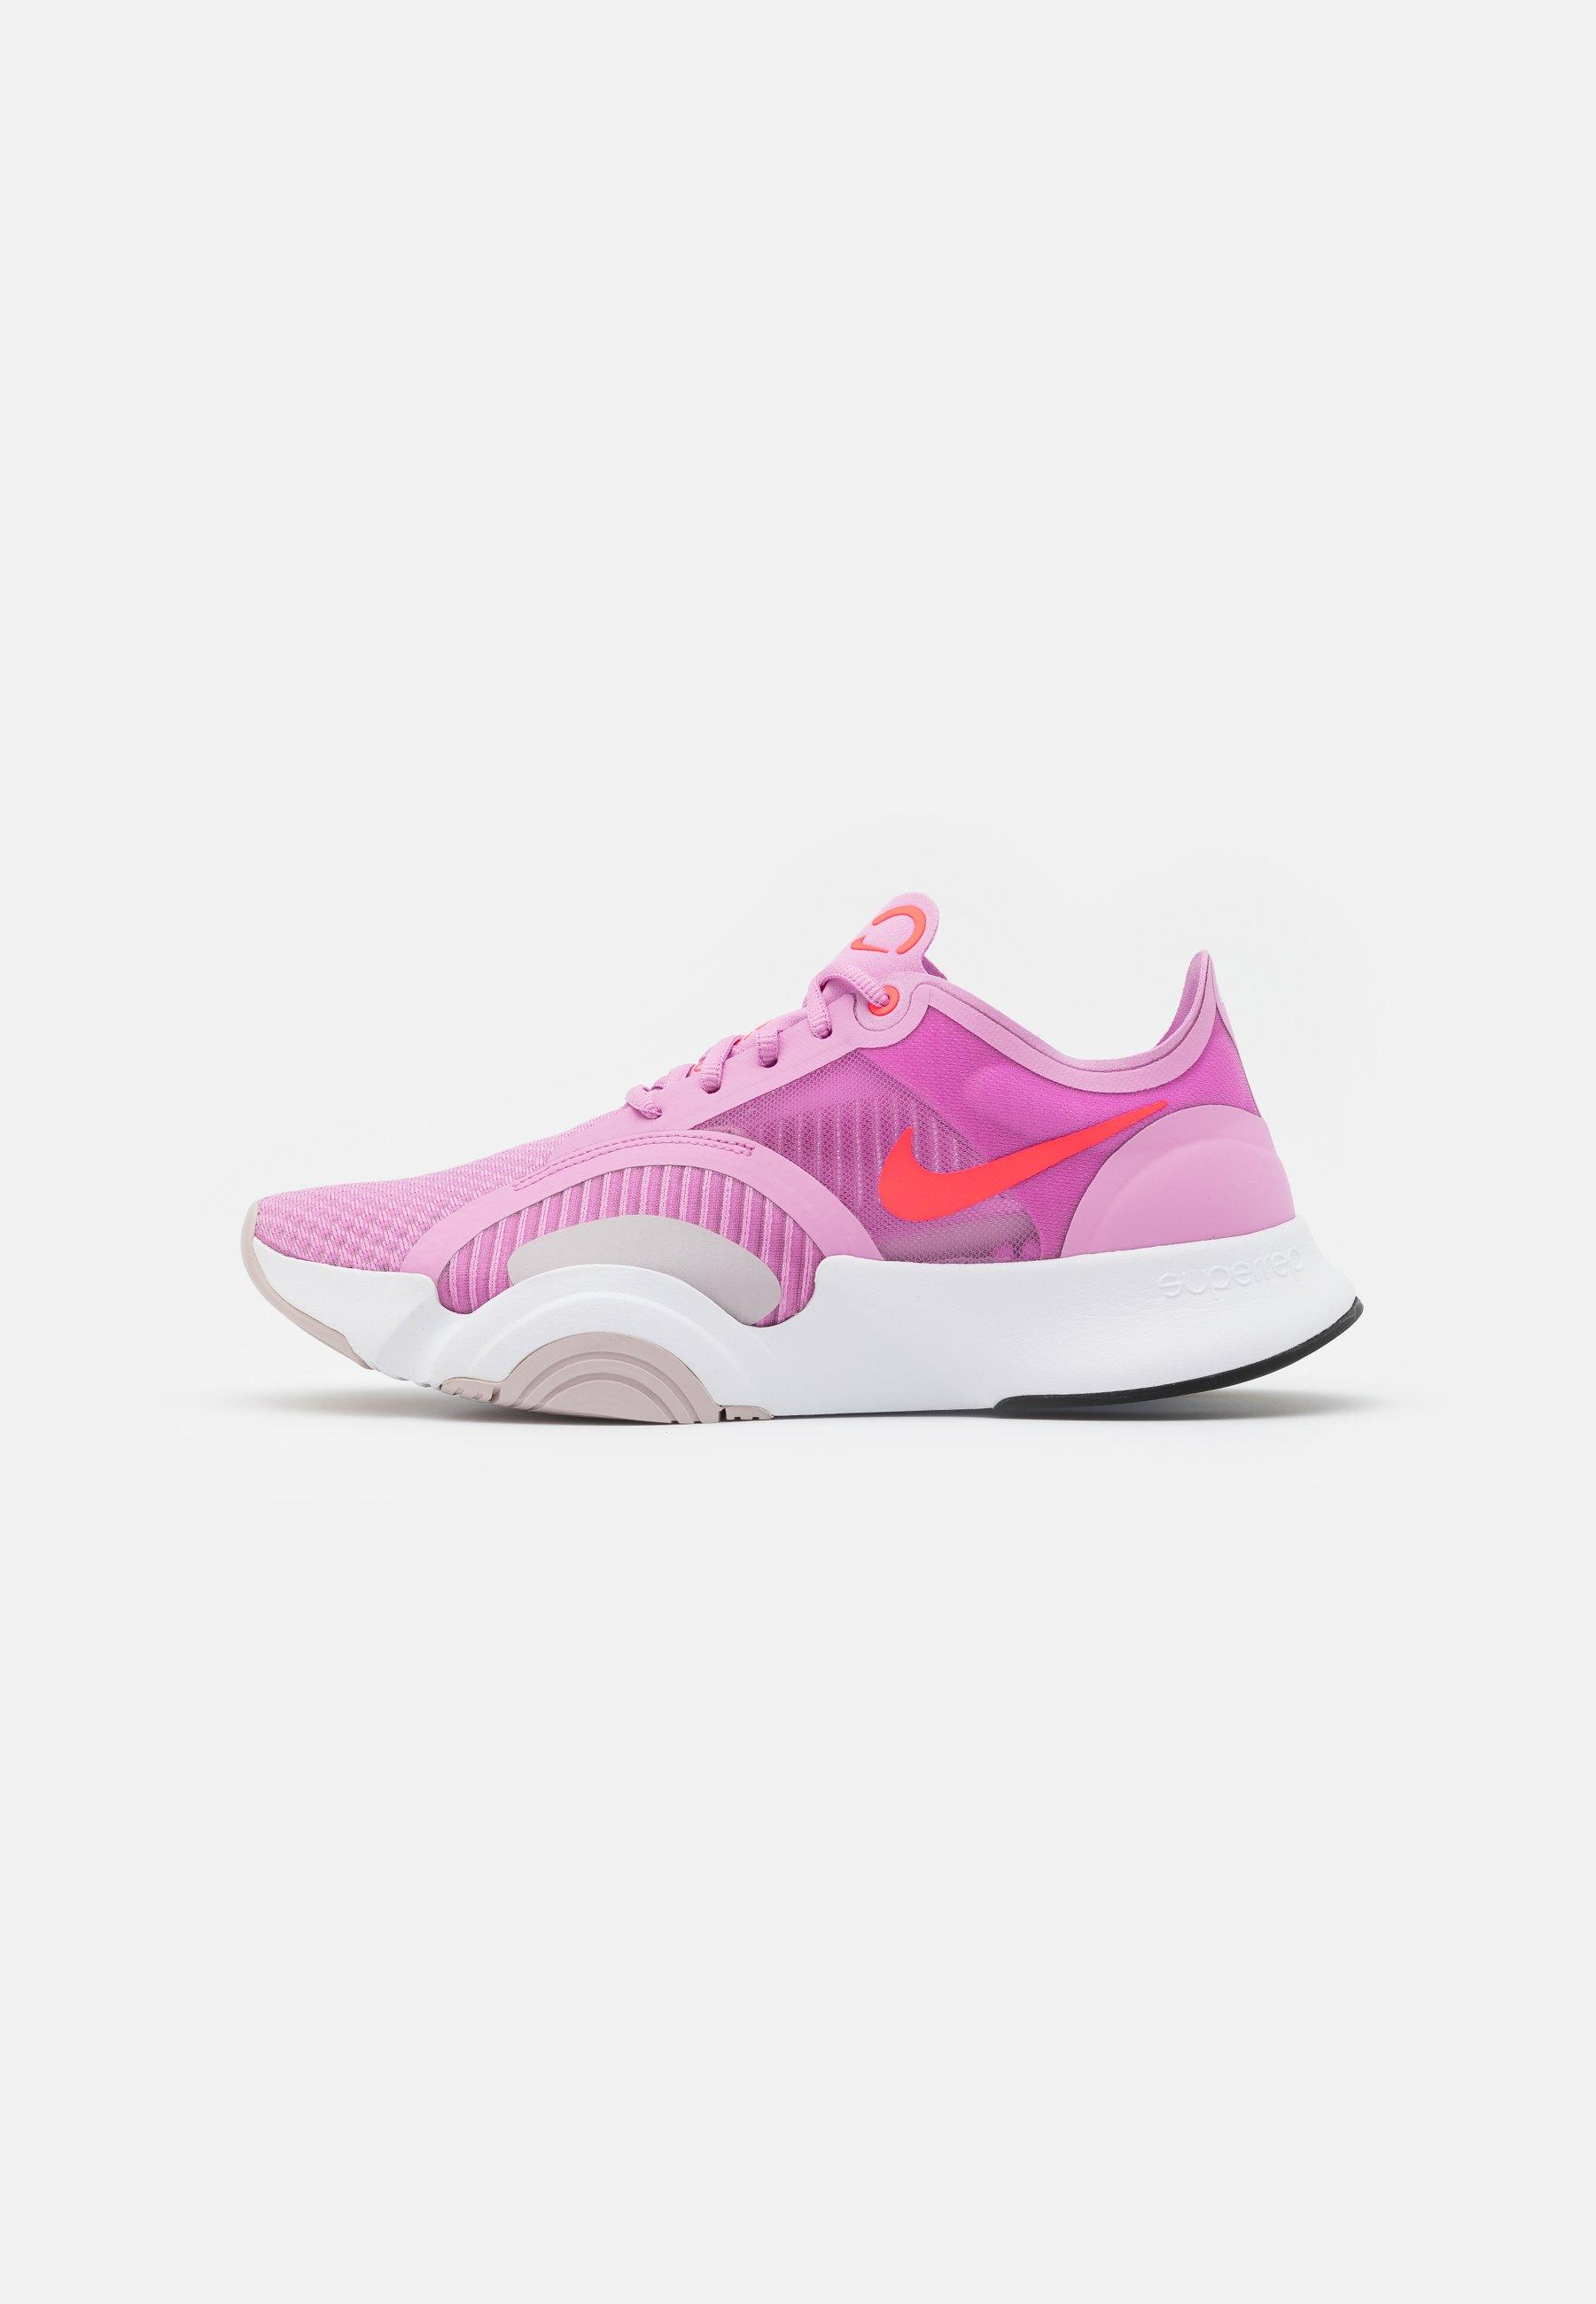 SUPERREP GO Chaussures d'entraînement et de fitness beyond pinkflash crimson